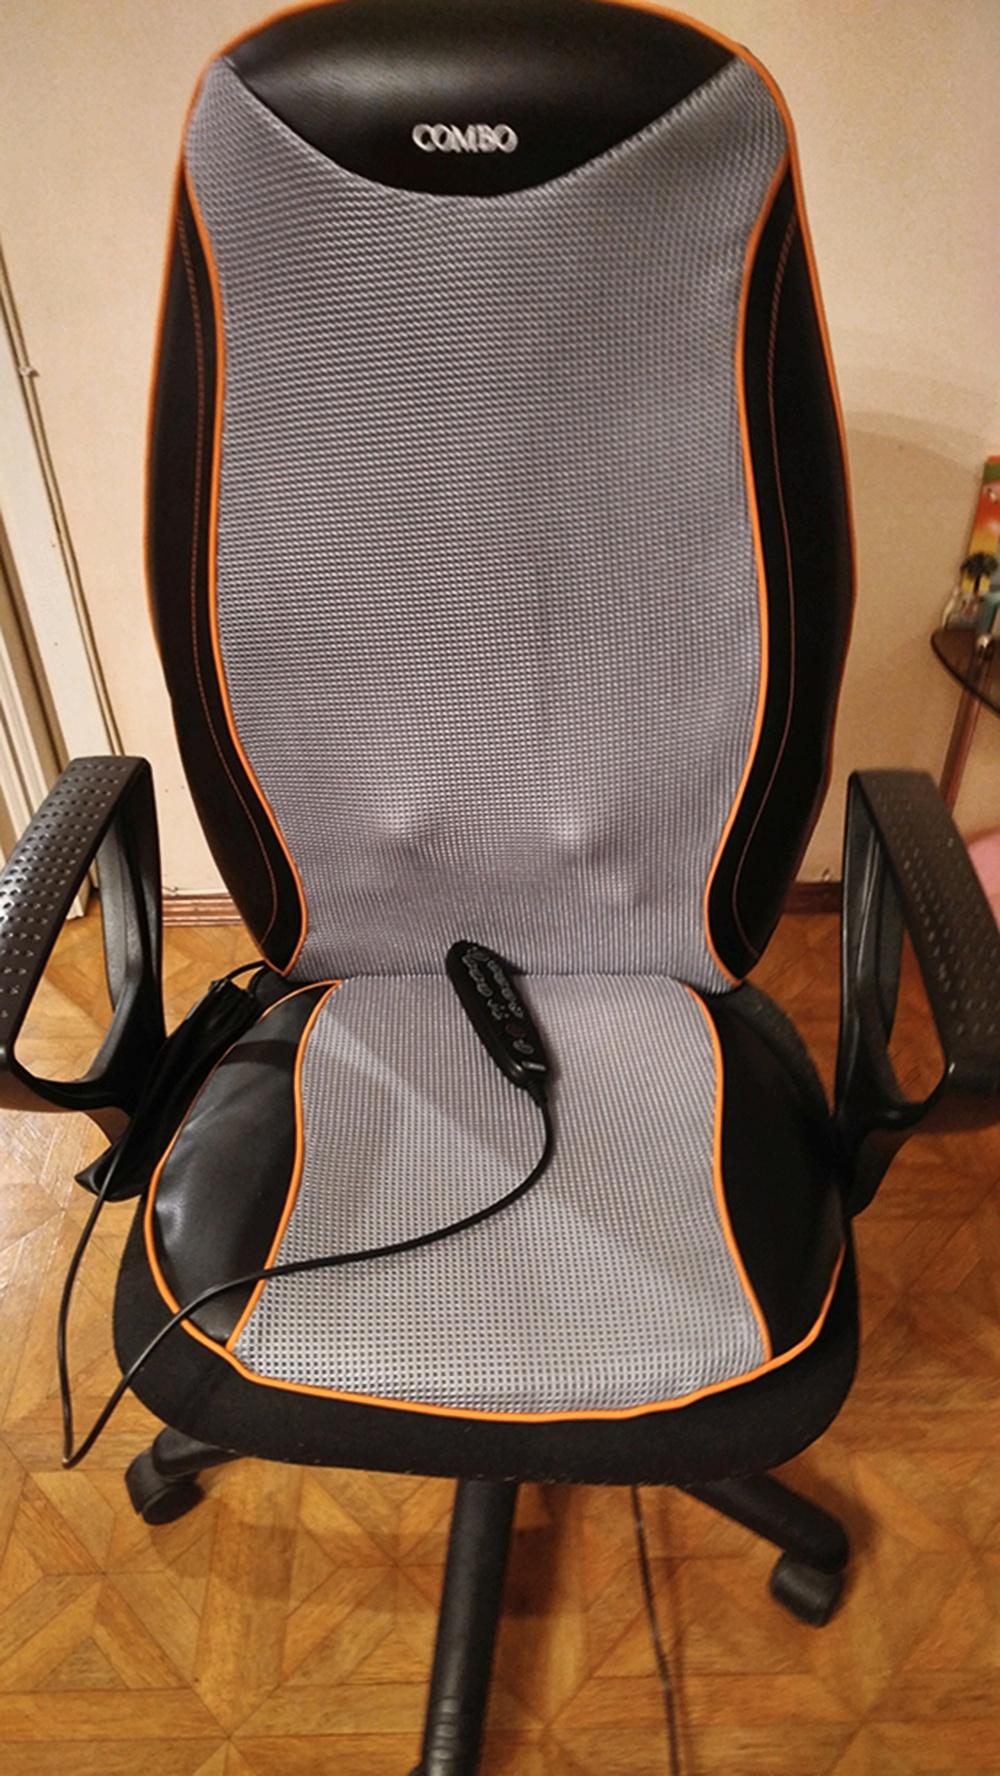 Массажер на стуле антицеллюлитный роликовый массажер большой